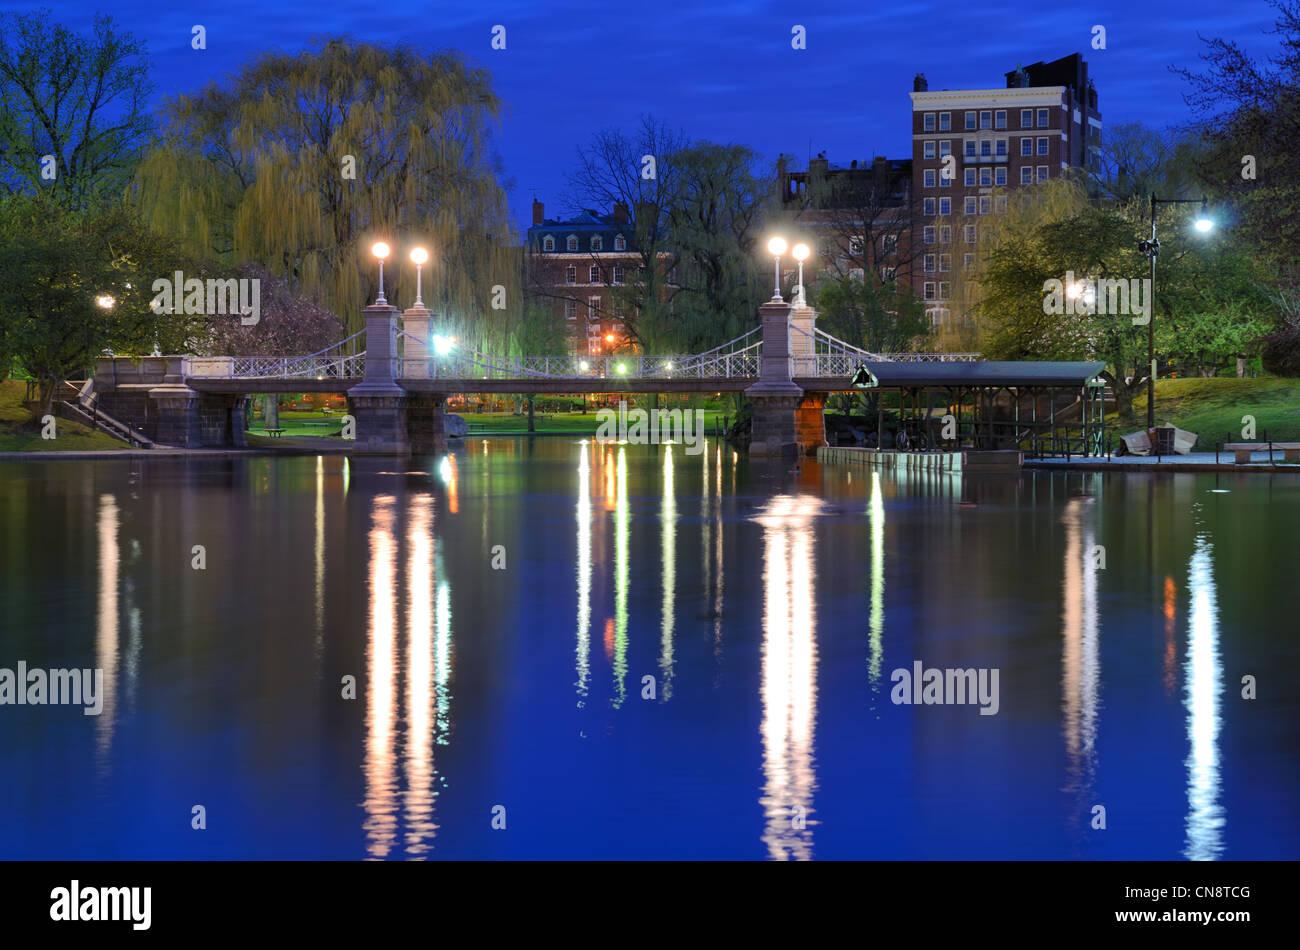 Lagoon Bridge at the Boston Public Gardens in Boston, Massachusetts. Stock Photo